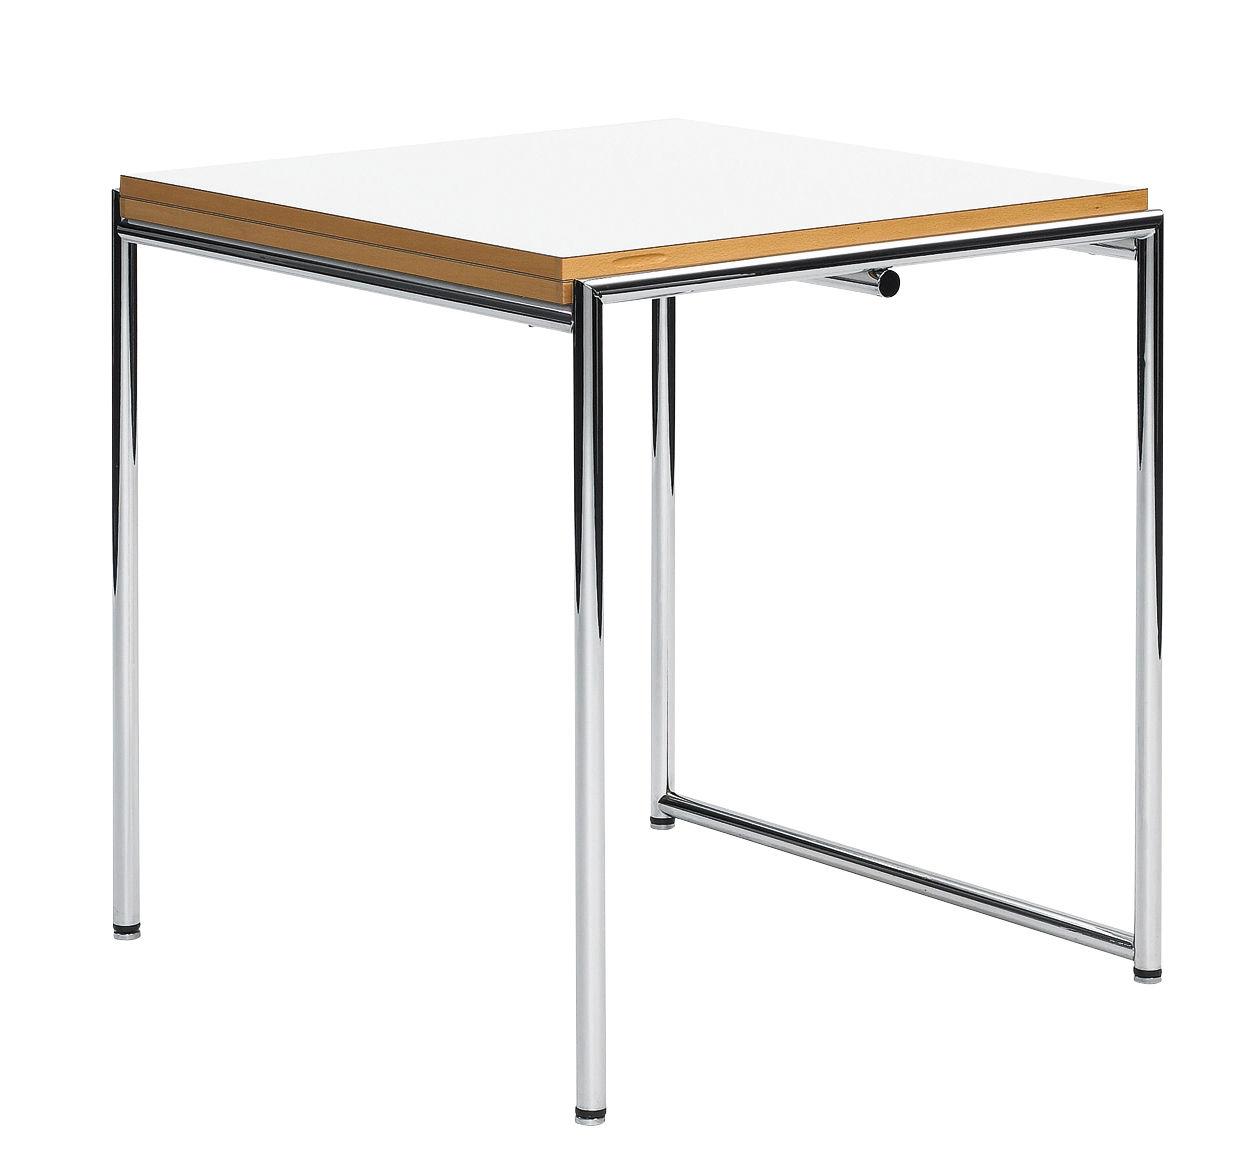 Möbel - Tische - Jean Ausziehtisch / Neuauflage des Originals von 1929 - aufklappbar & verstellbare Füße - ClassiCon - Weiß & Buche / Stahl - Buchenfurnier, Melamin, verchromter Stahl